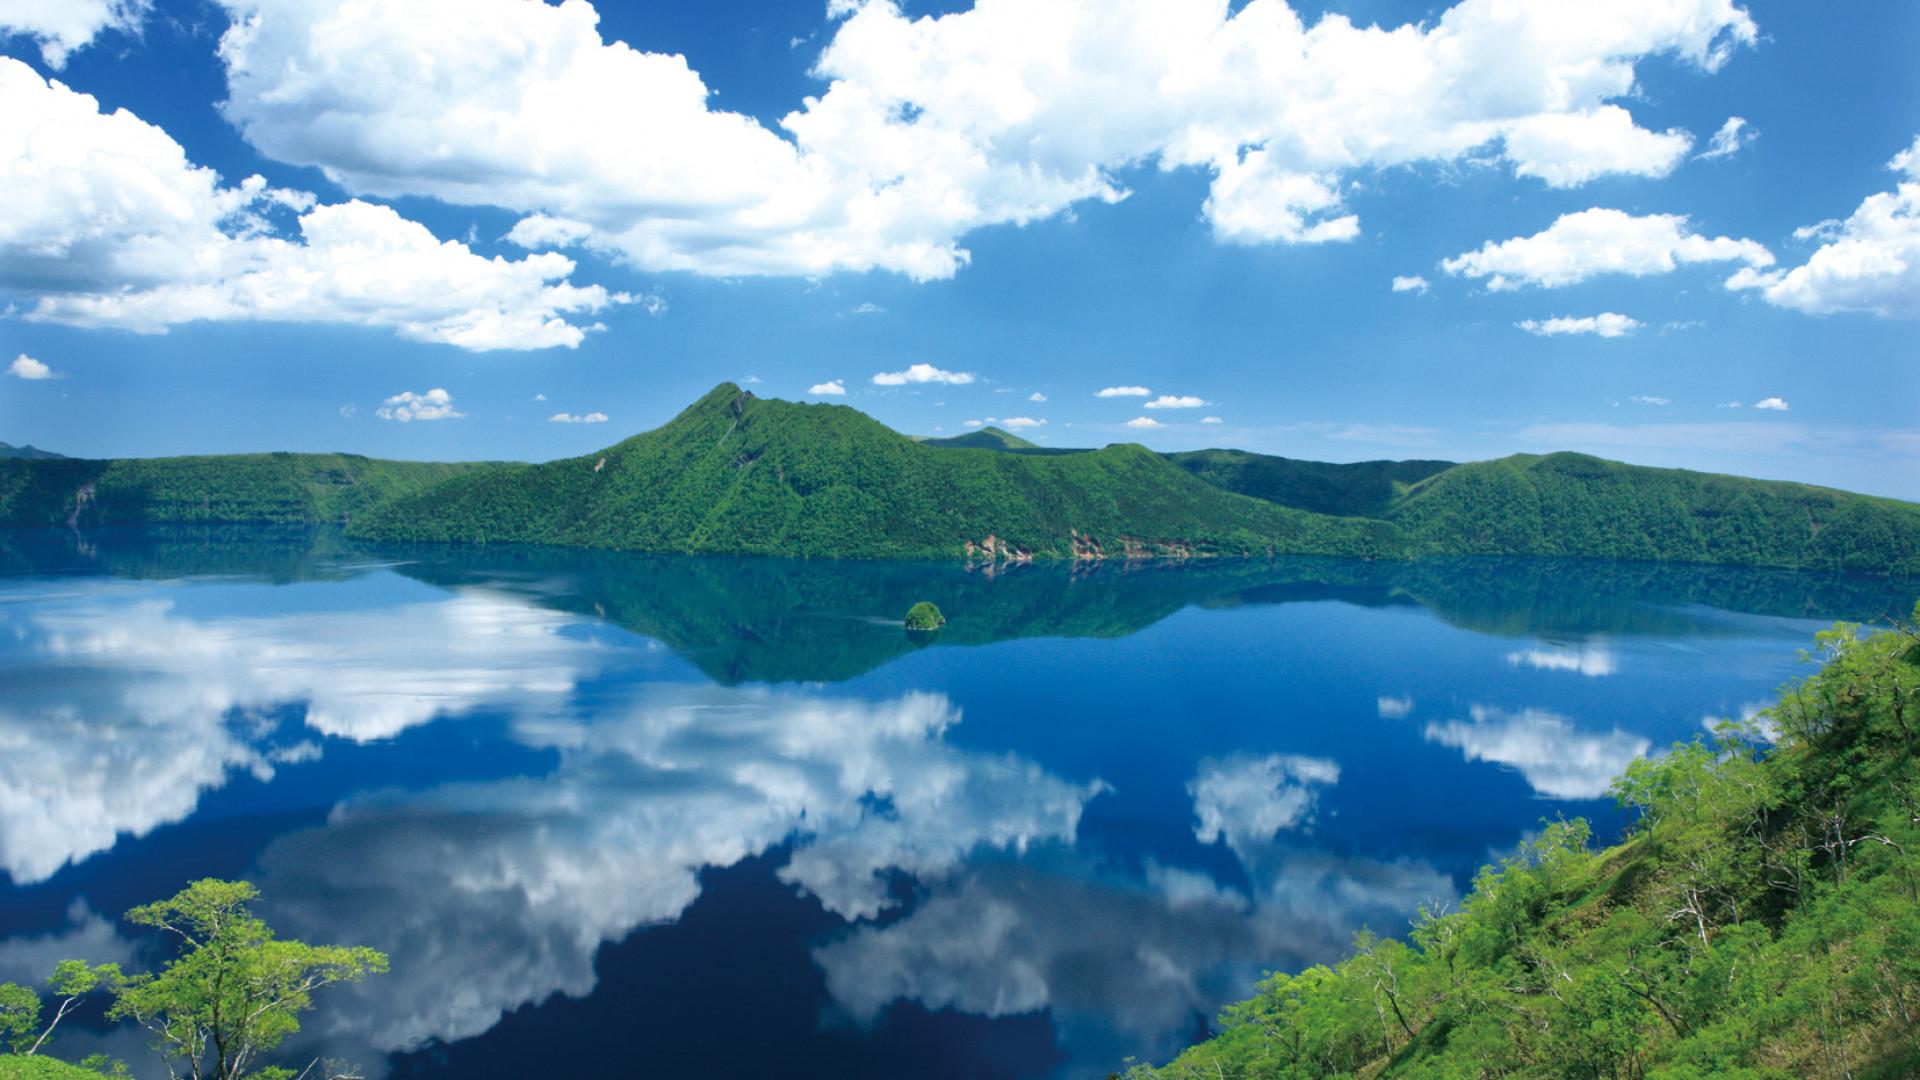 Landscape in Eastern Hokkaido, Japan